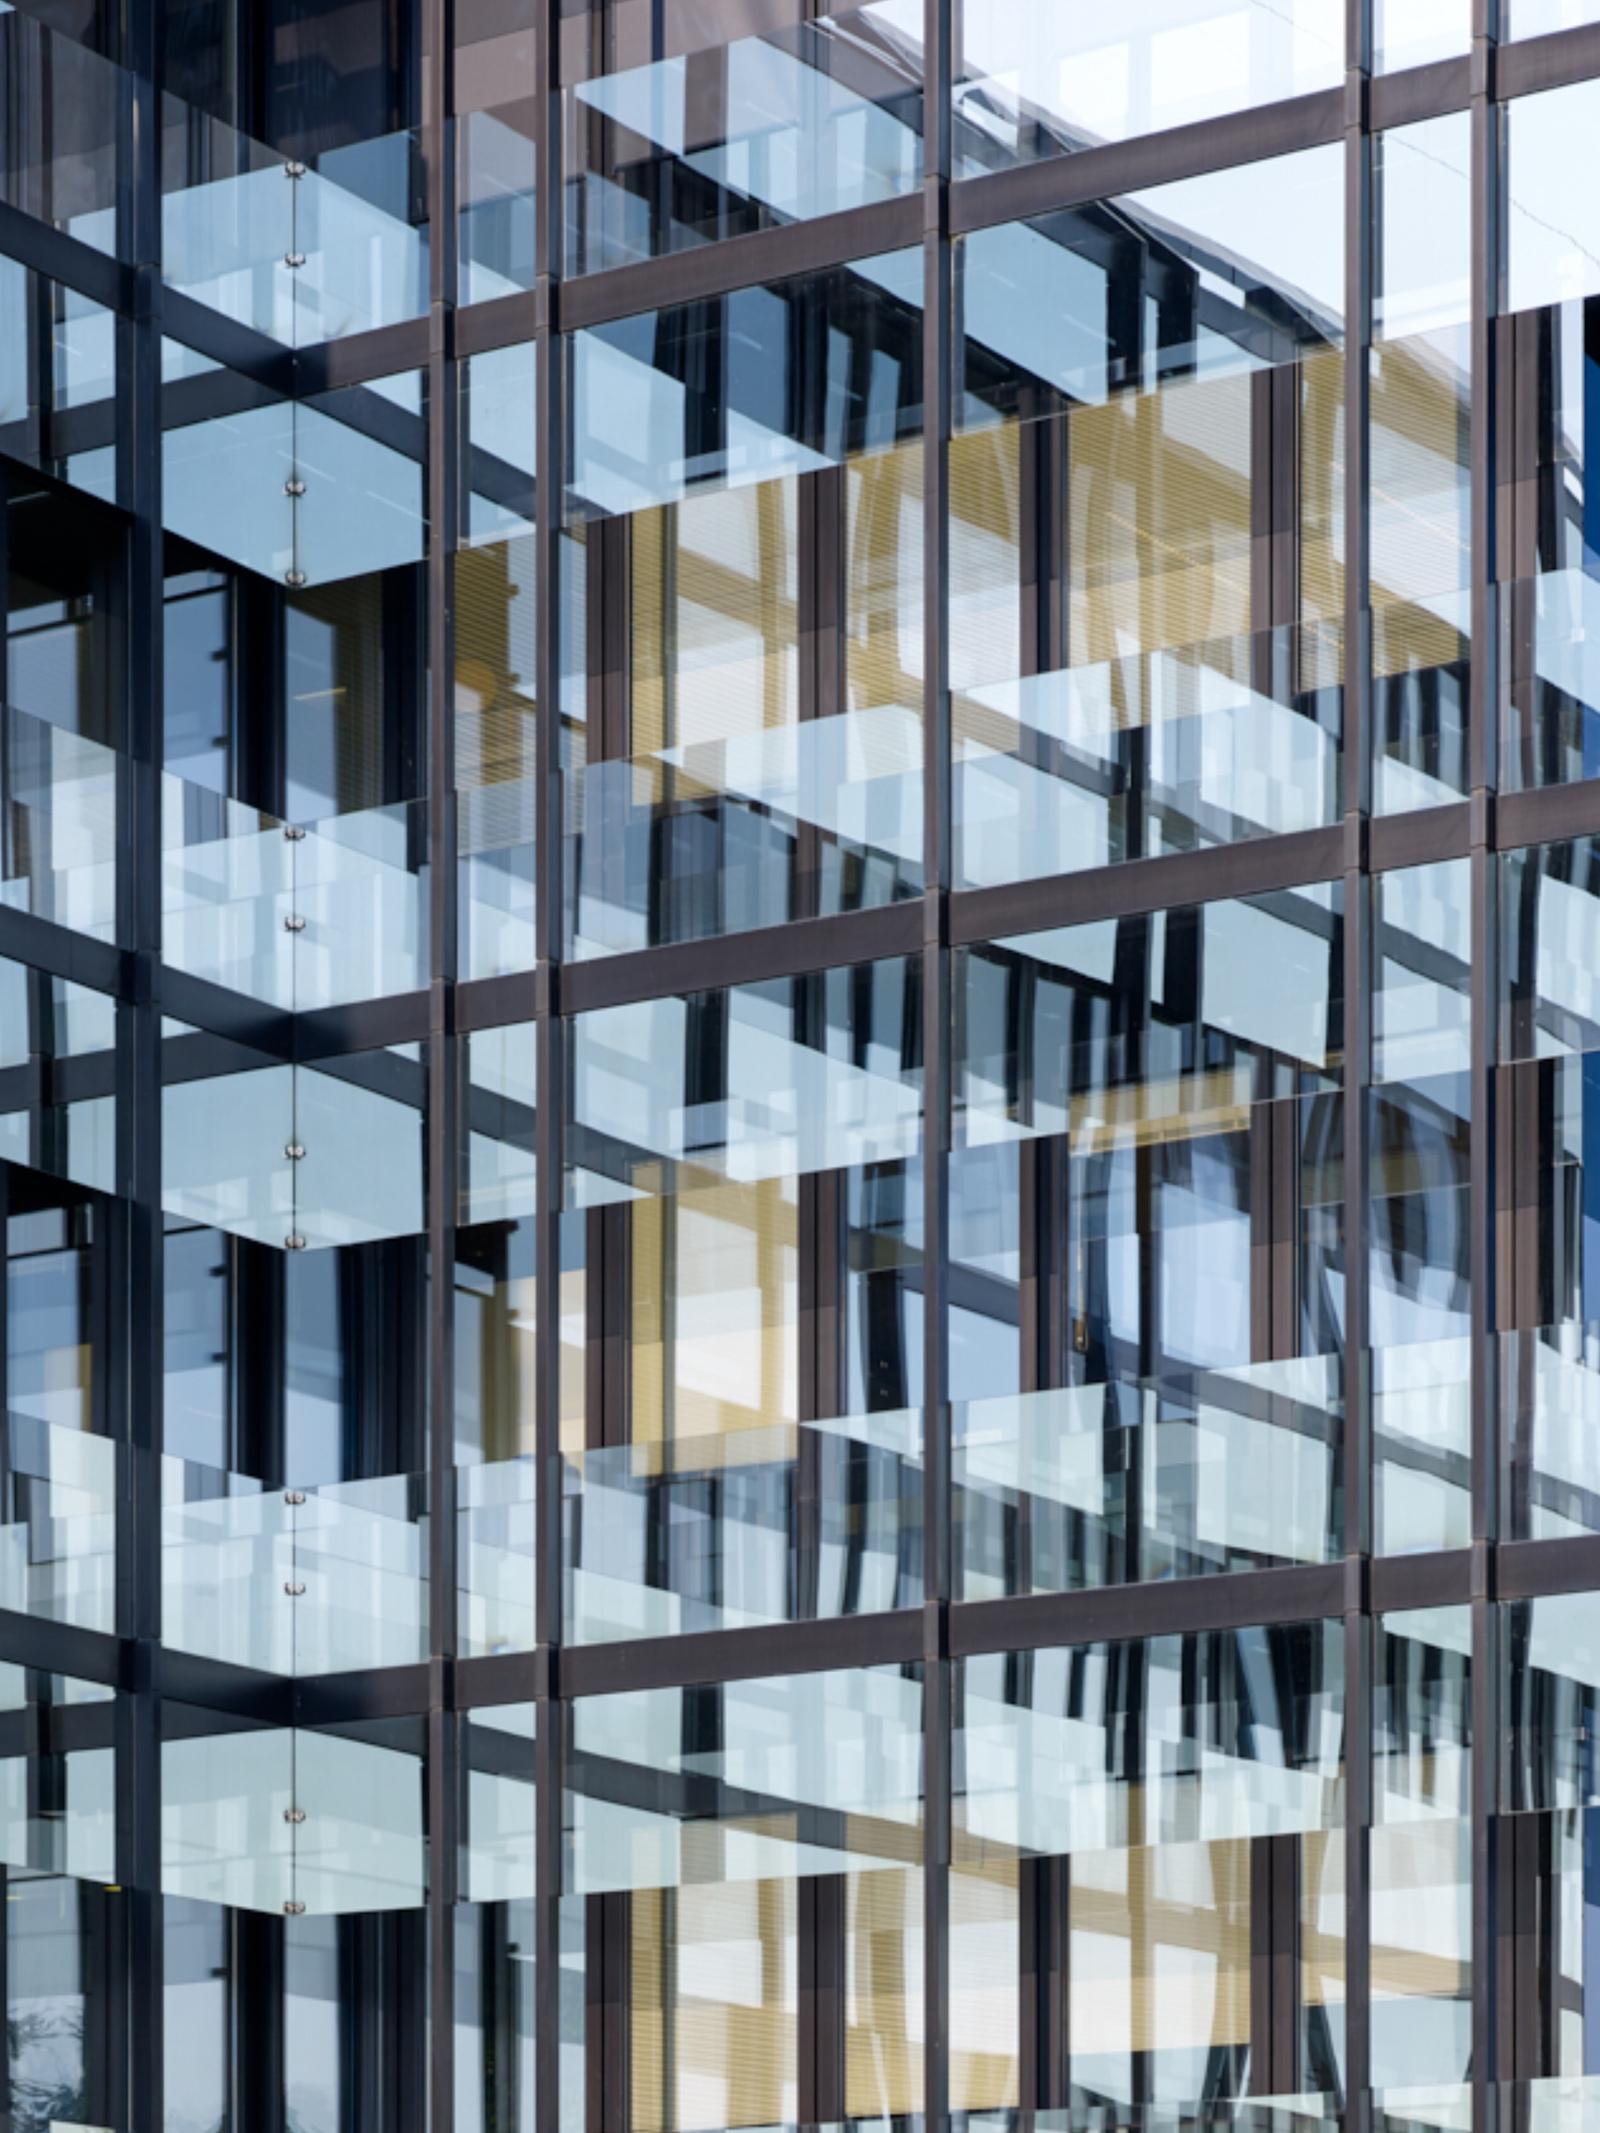 Spiegelung des Hauptgebäudes